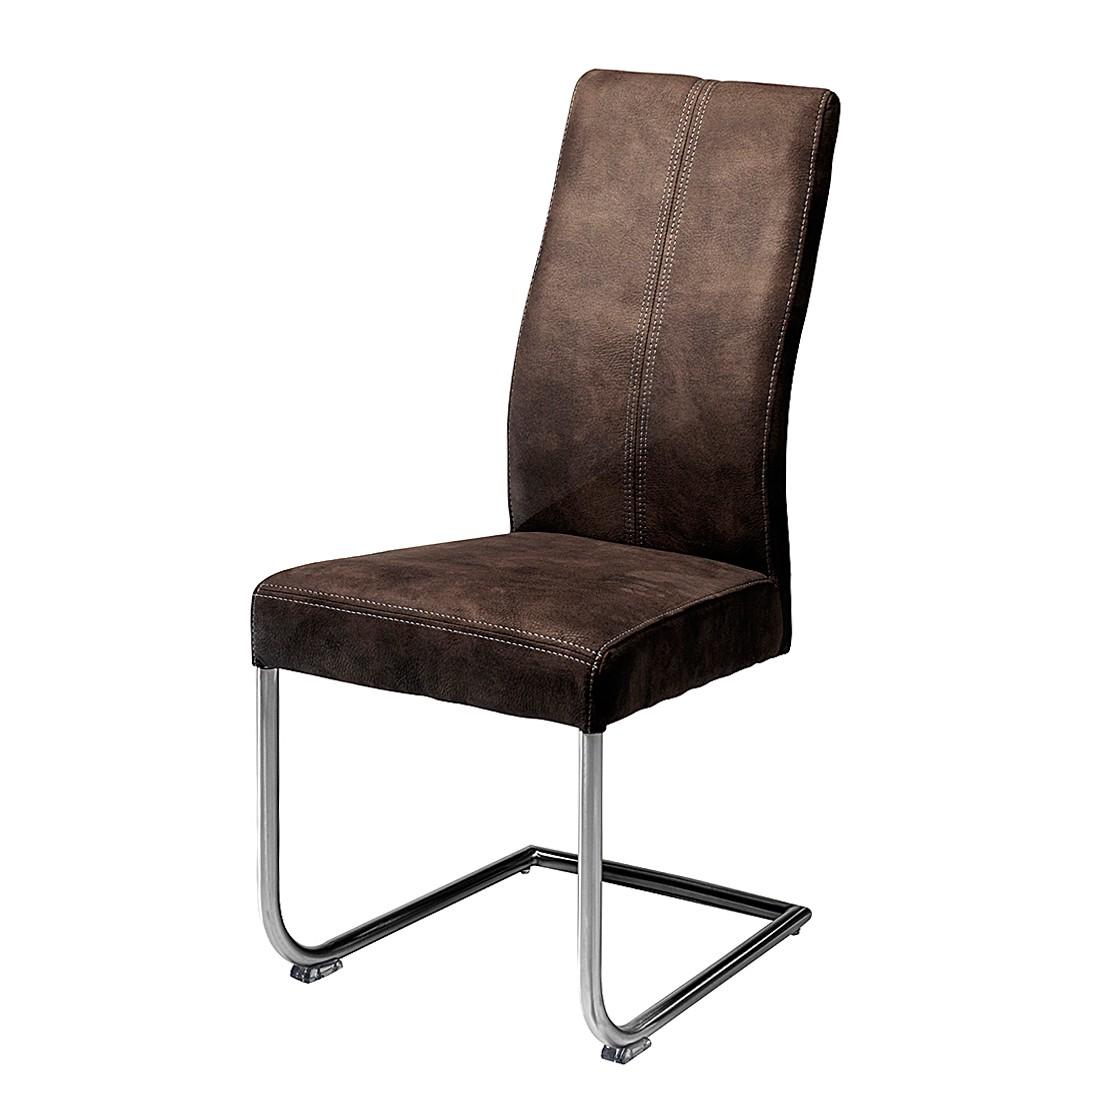 Meubles salle manger chaises de salle manger for Stuhl 24 dresden